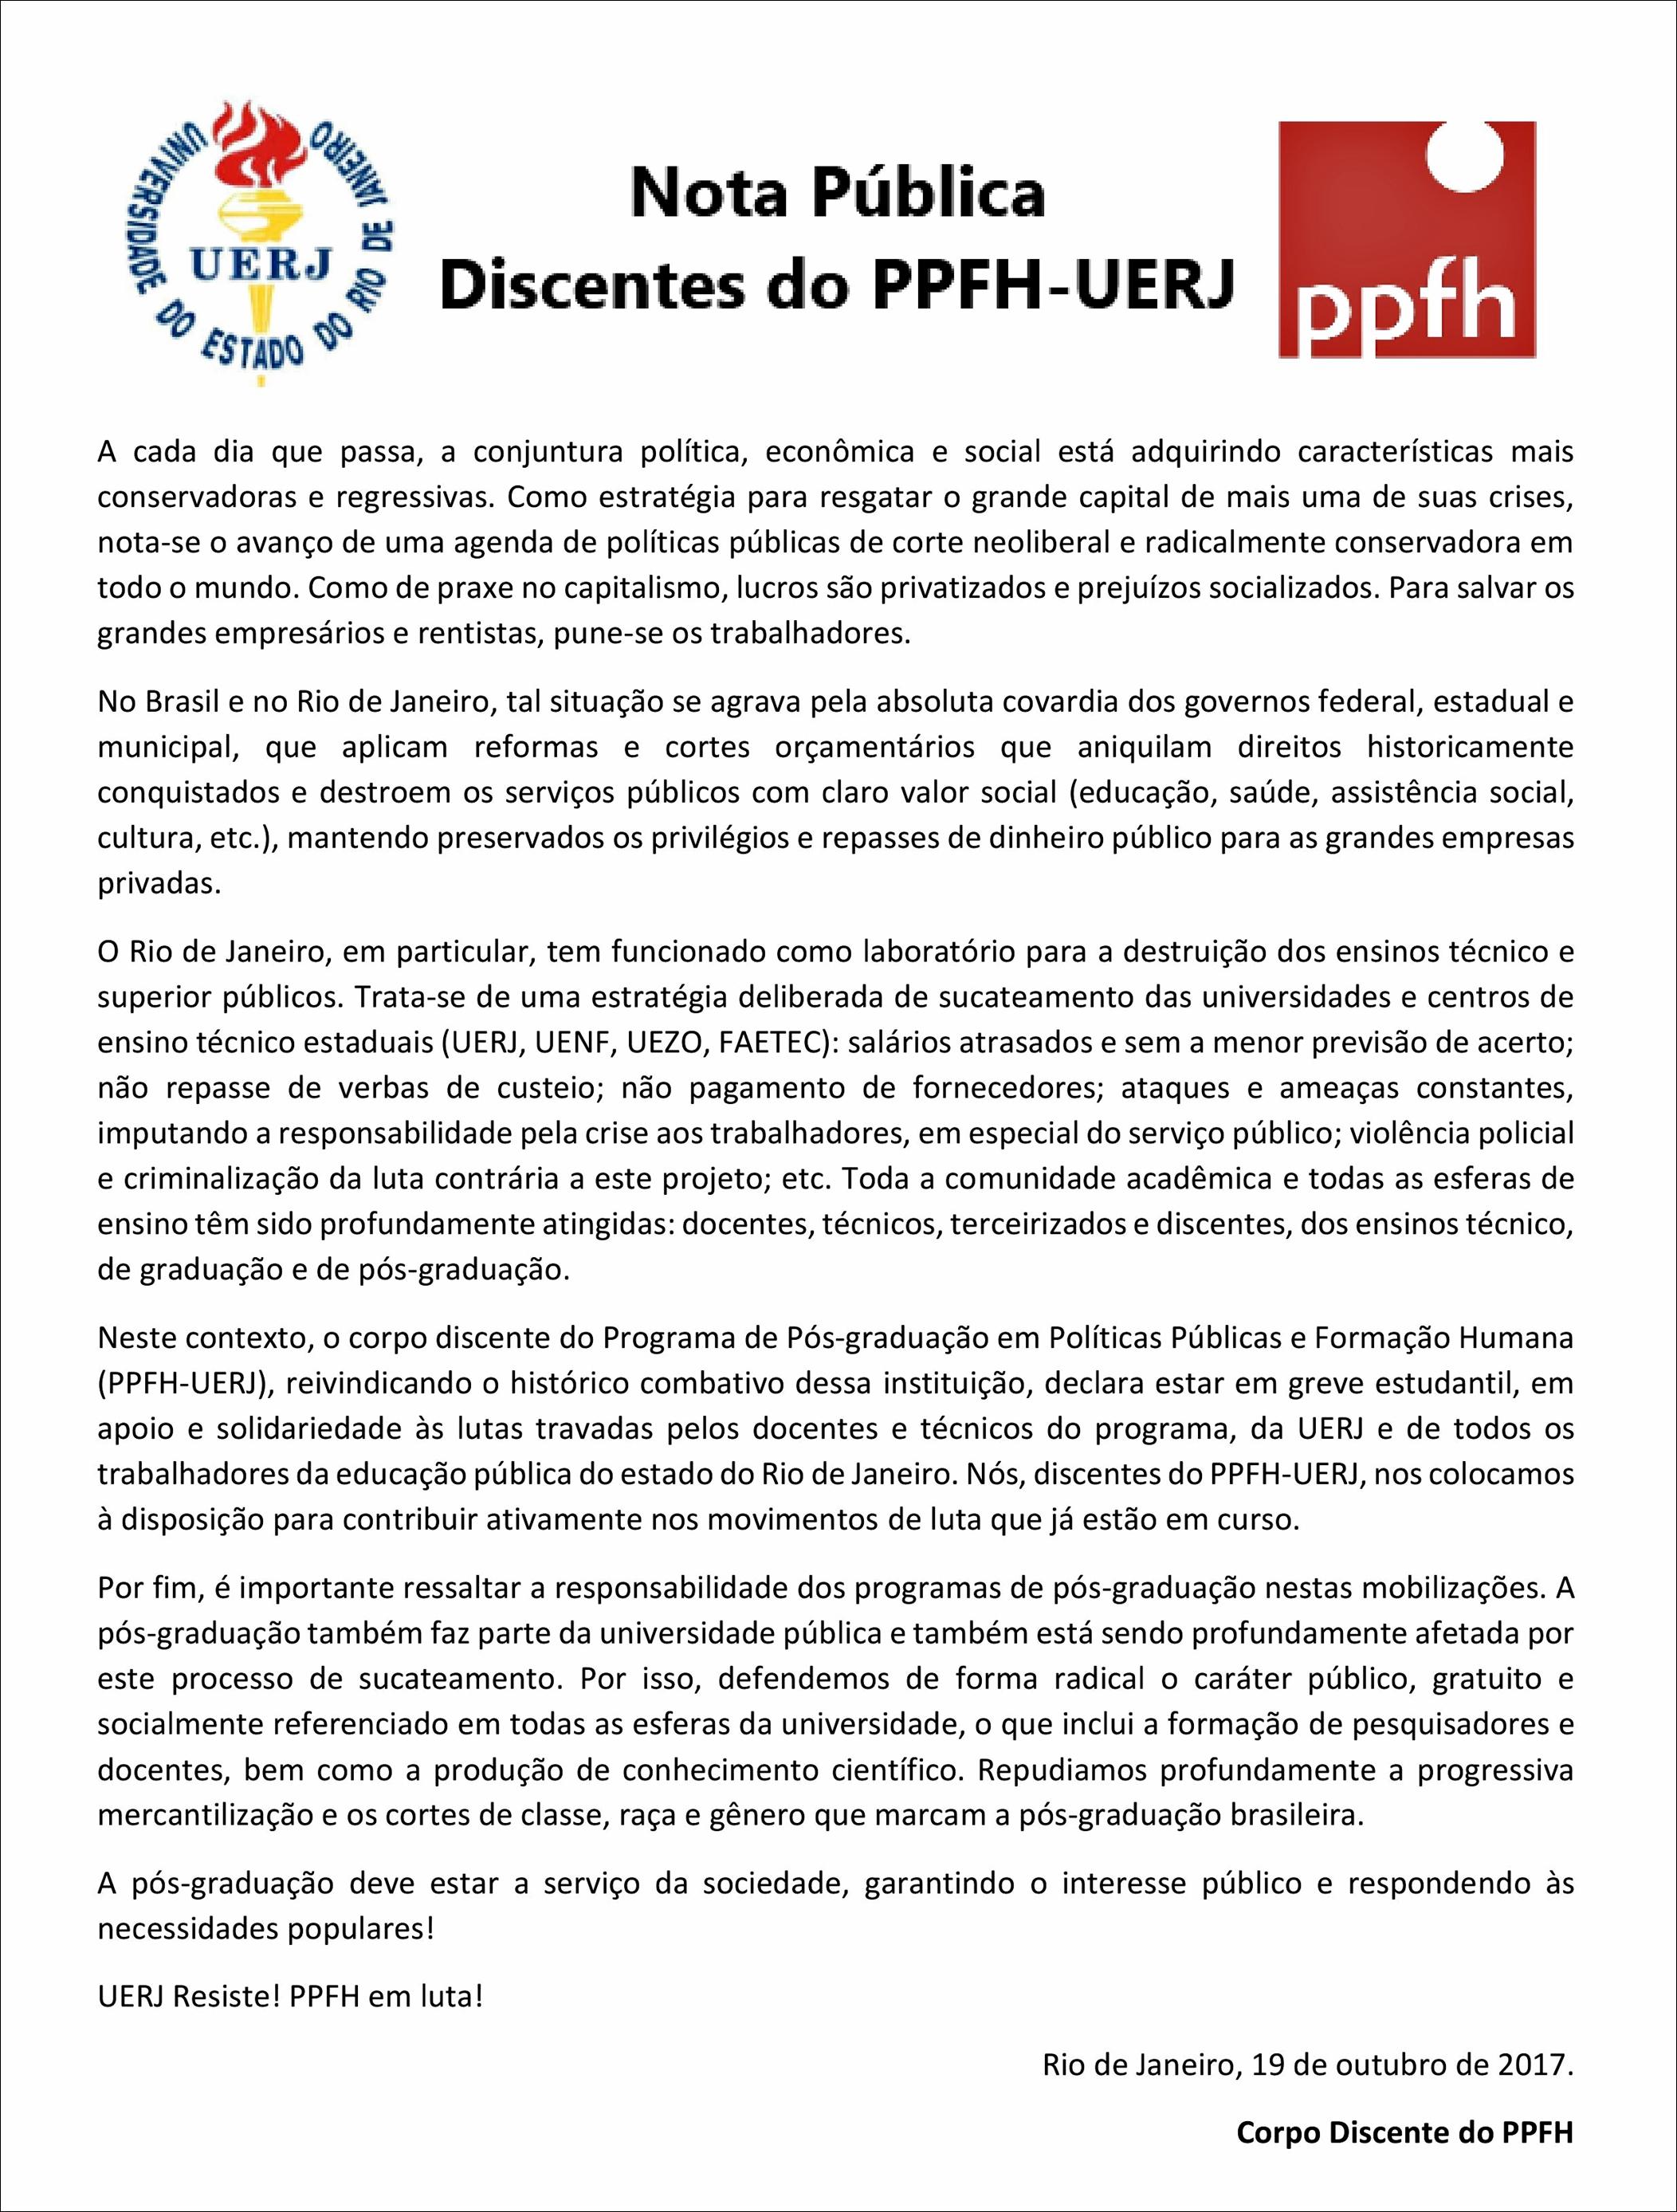 Discentes PPFH_Nota Publica